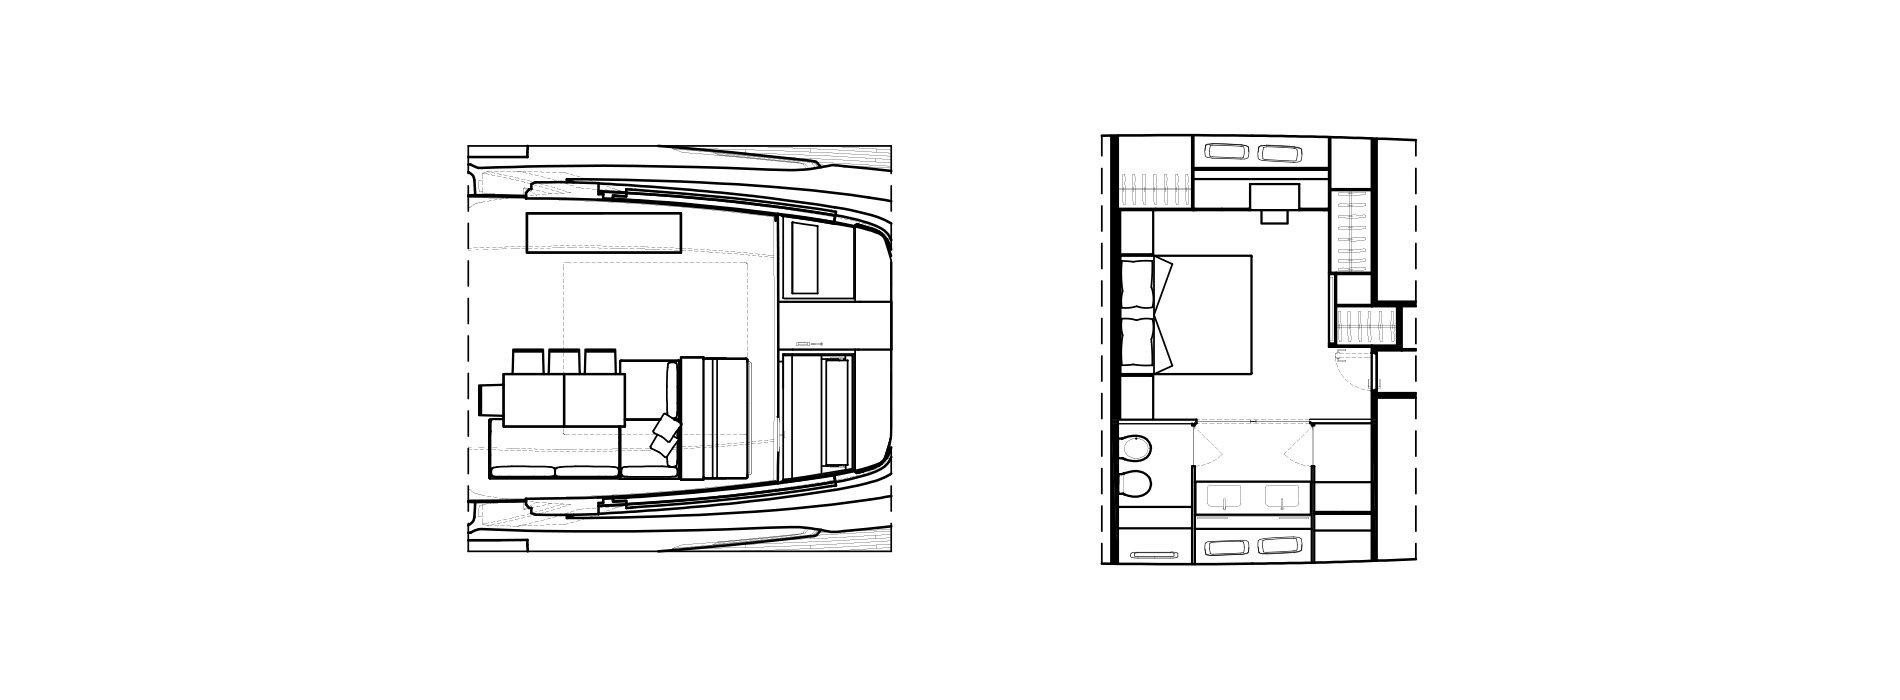 Sanlorenzo Yachts SX88 Détails Versione A